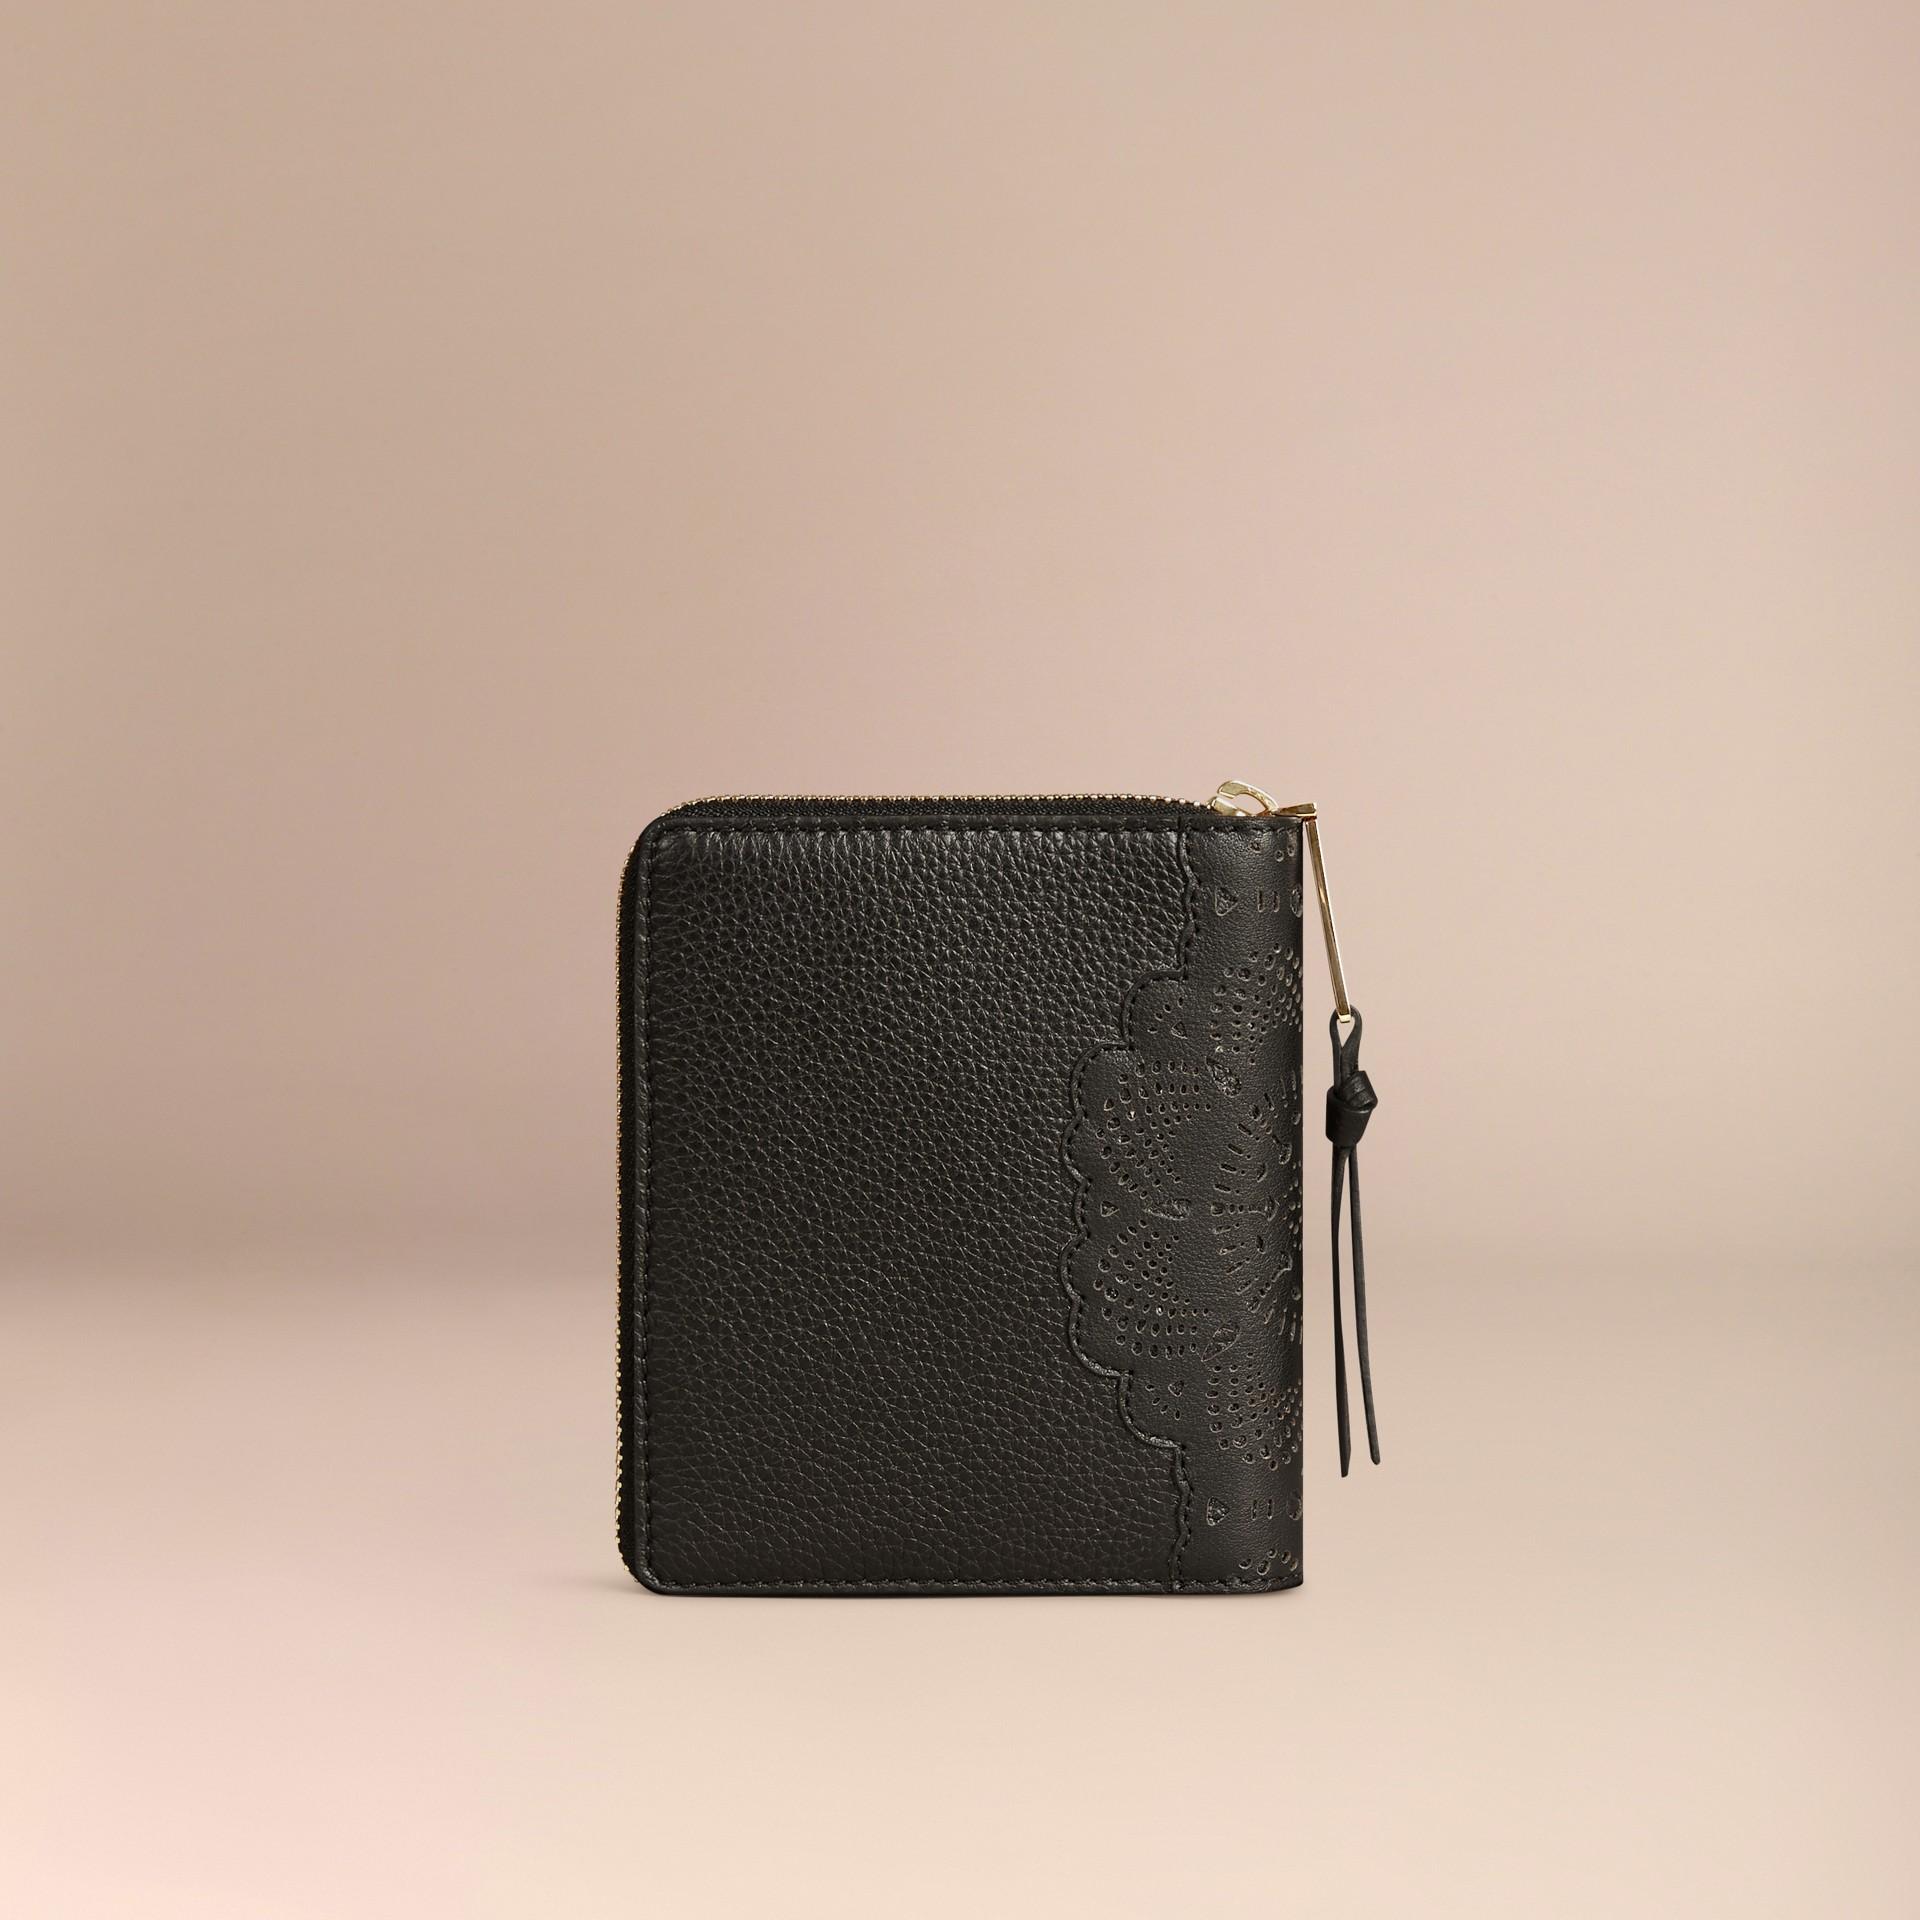 Noir Petit calepin zippé en dentelle de cuir découpée au laser - photo de la galerie 4